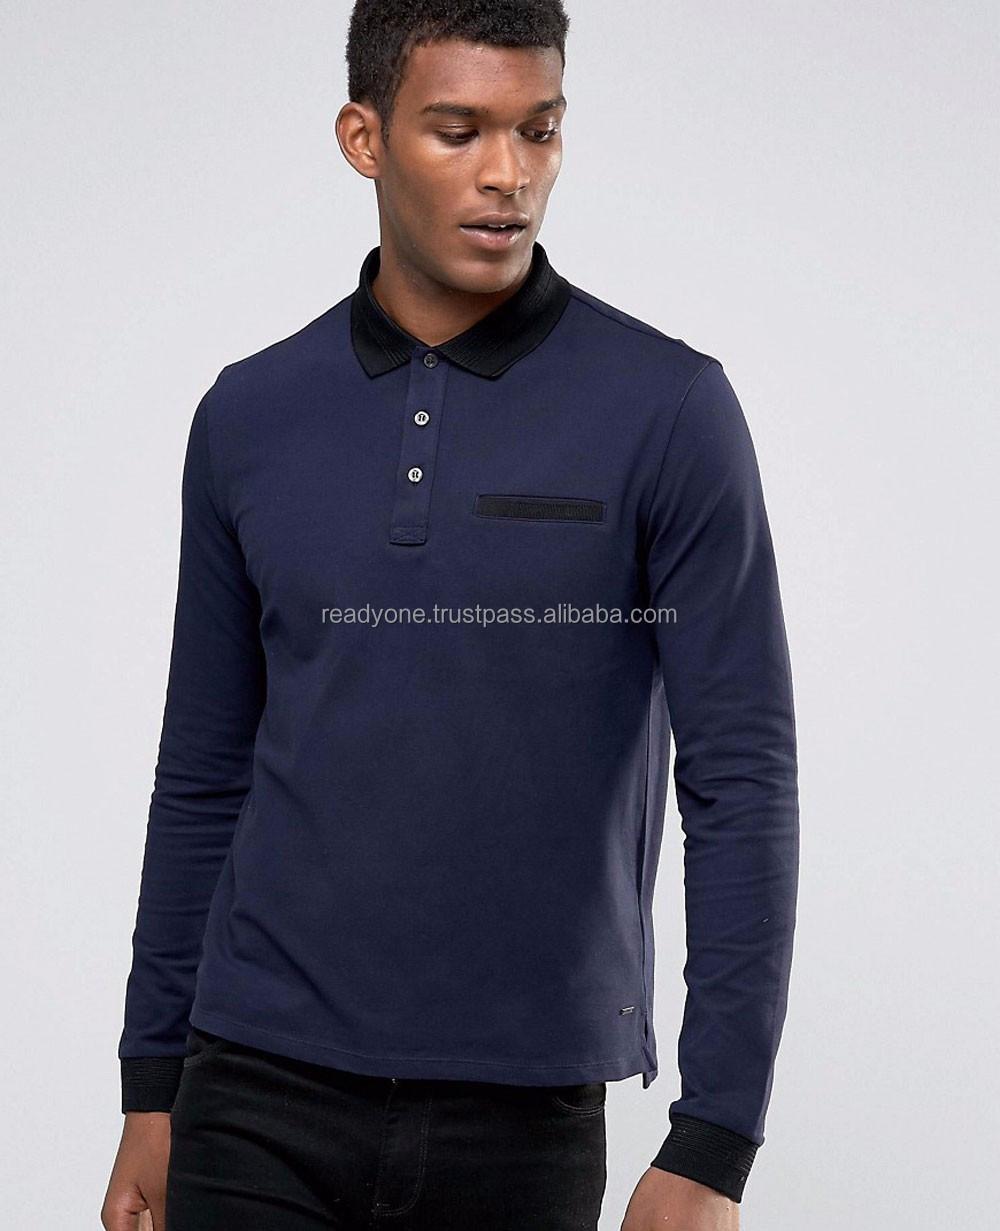 3563e6c0 Men's Long Sleeve Polo Shirt Custom Polo Shirts Original Design ...